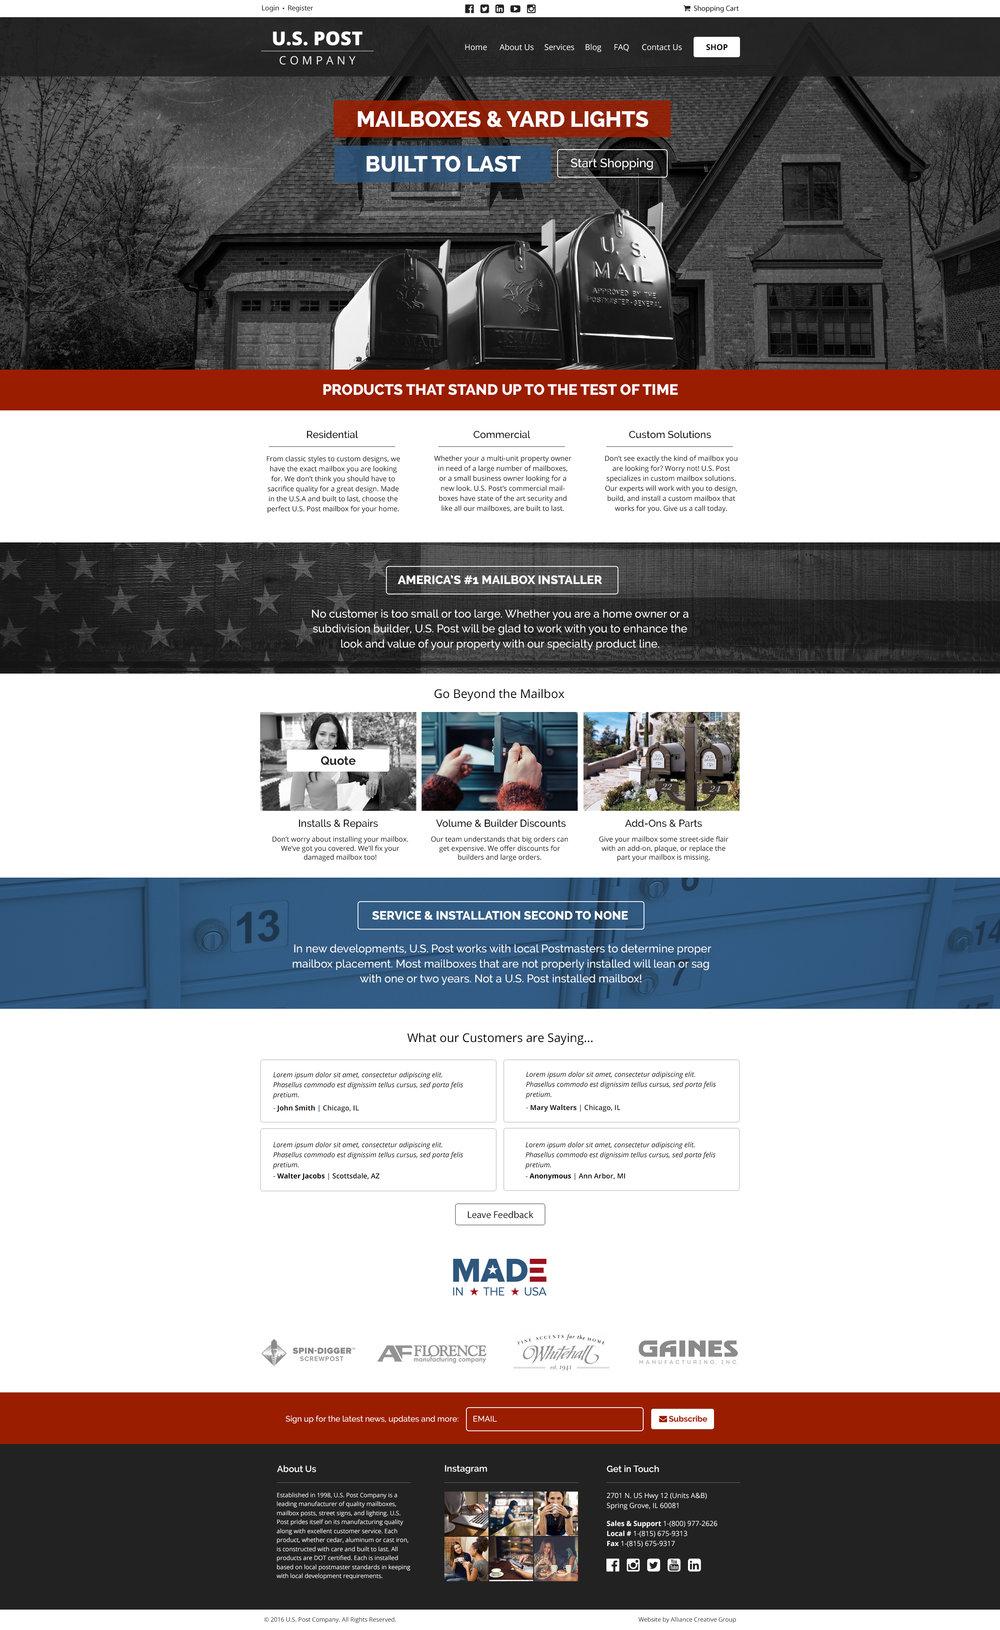 U.S. Post Co.